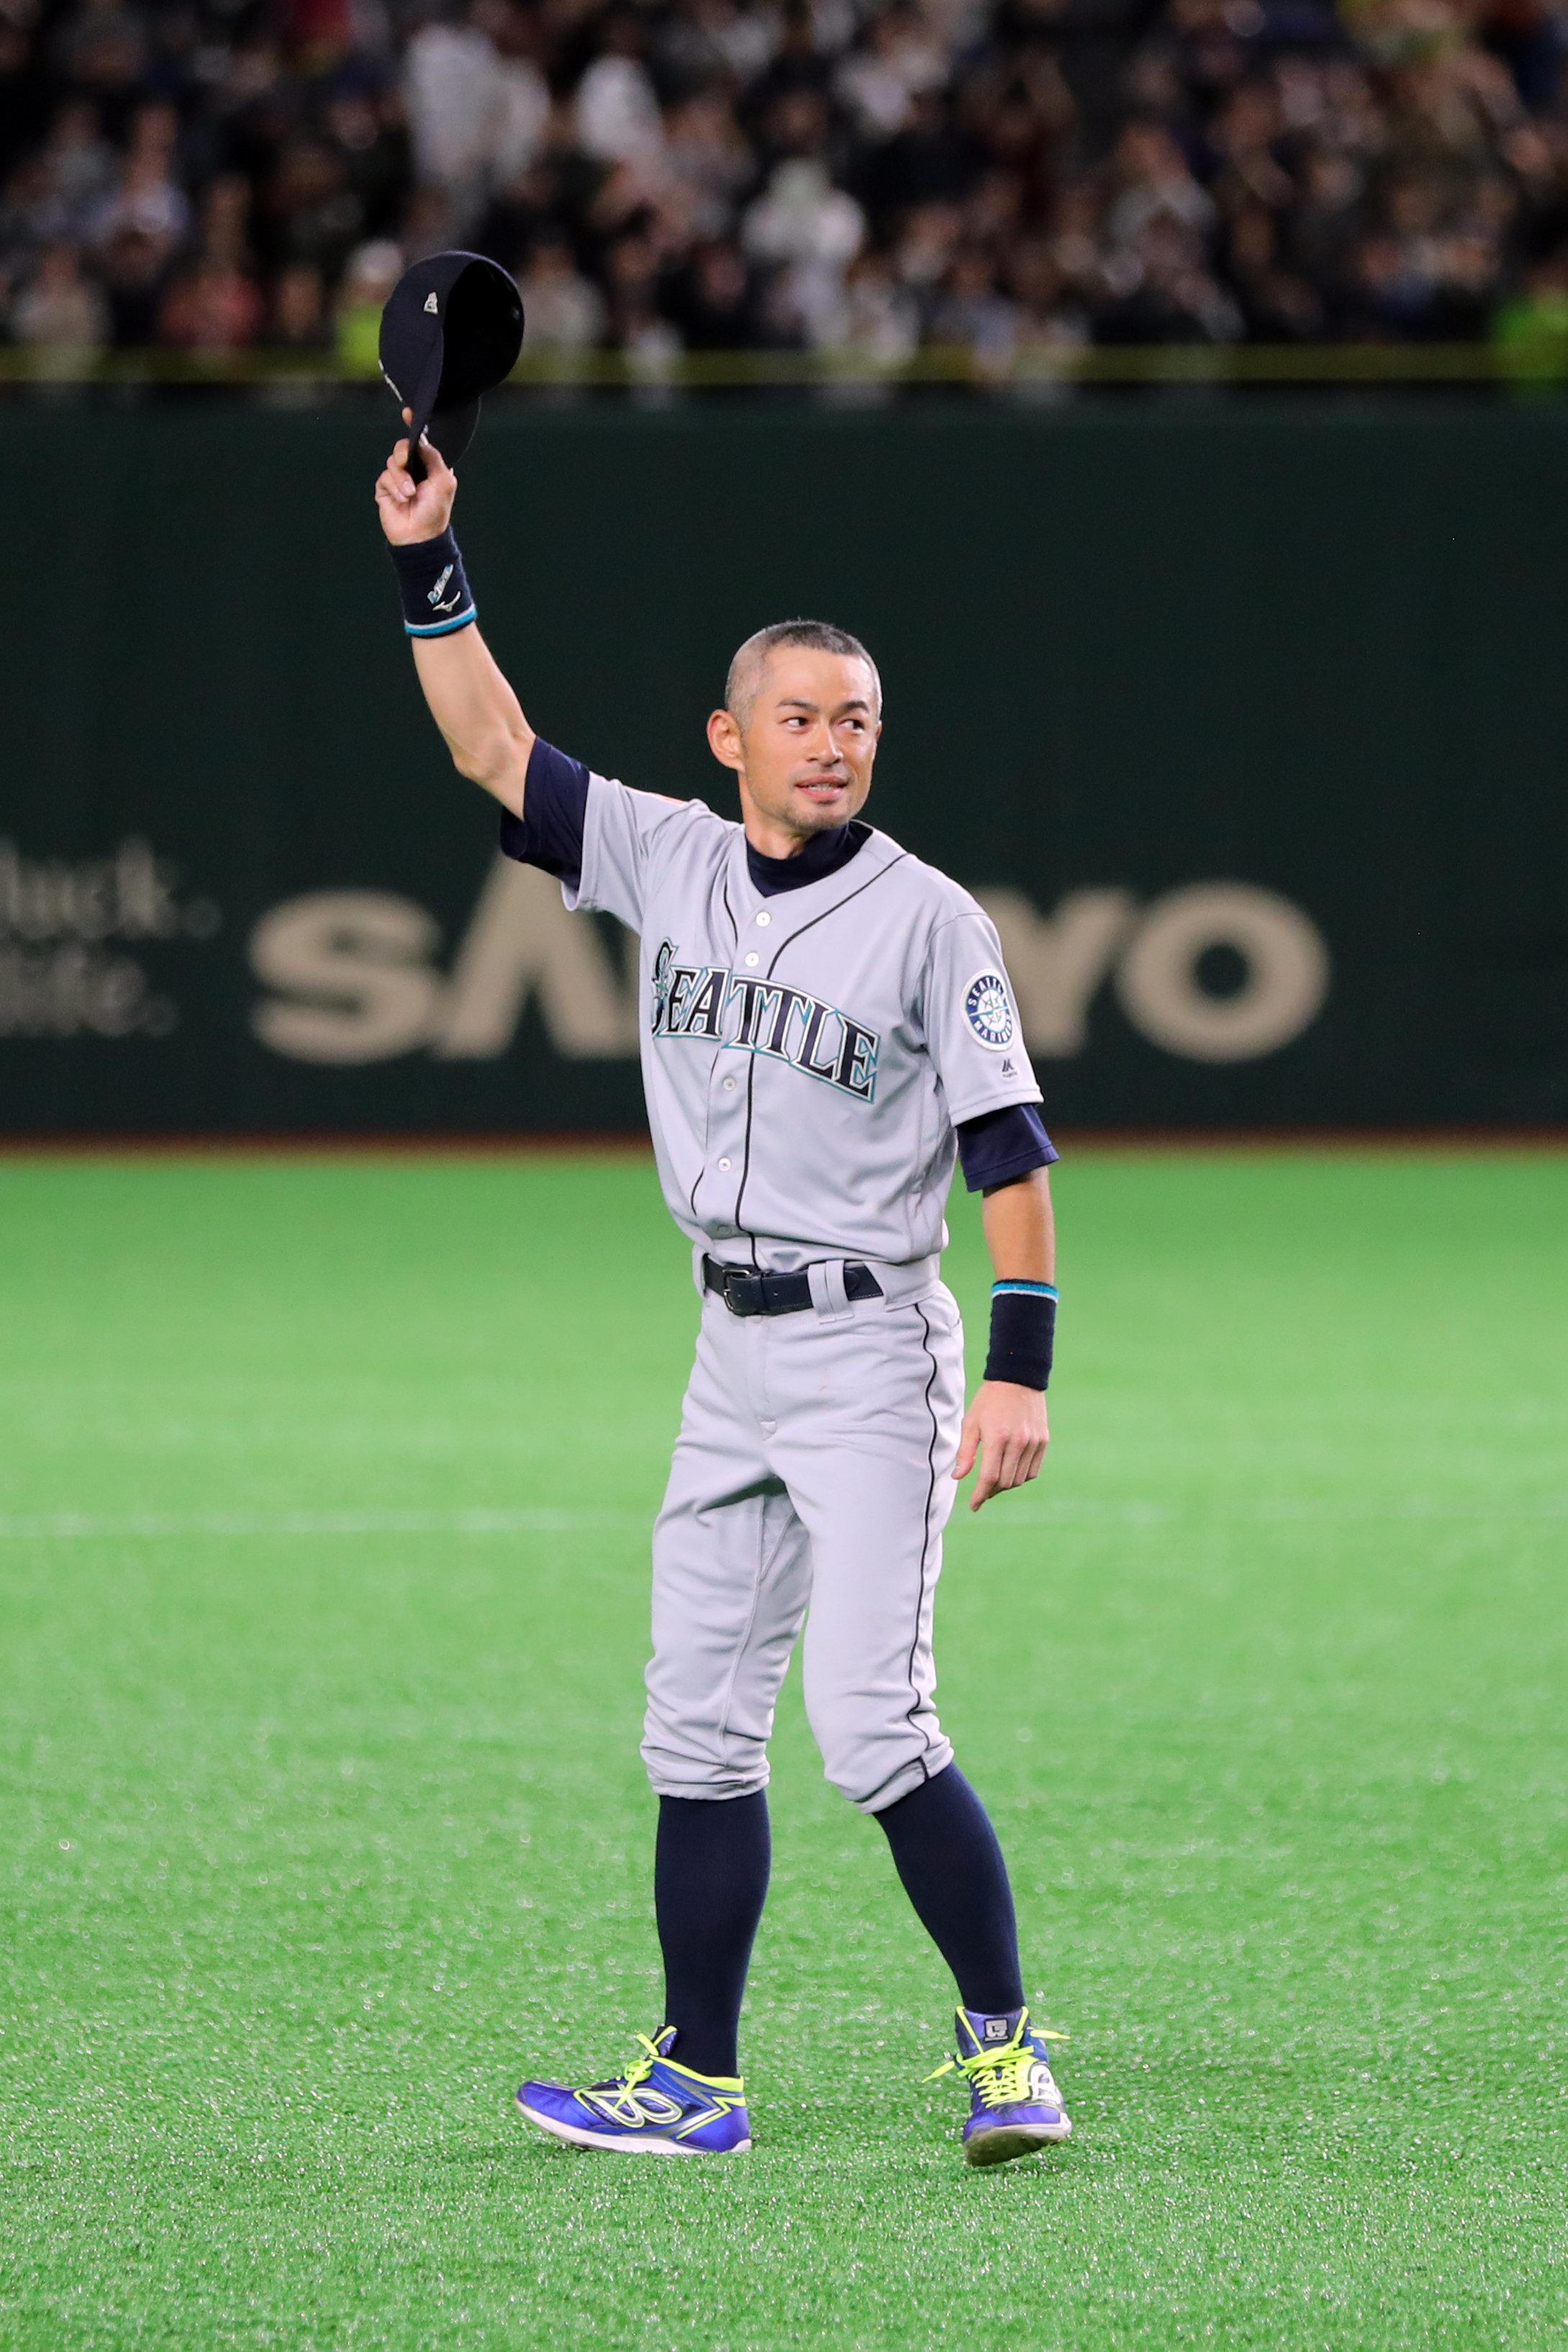 The Seattle Mariners' Ichiro Suzuki is retiring from baseball at the age of 45.